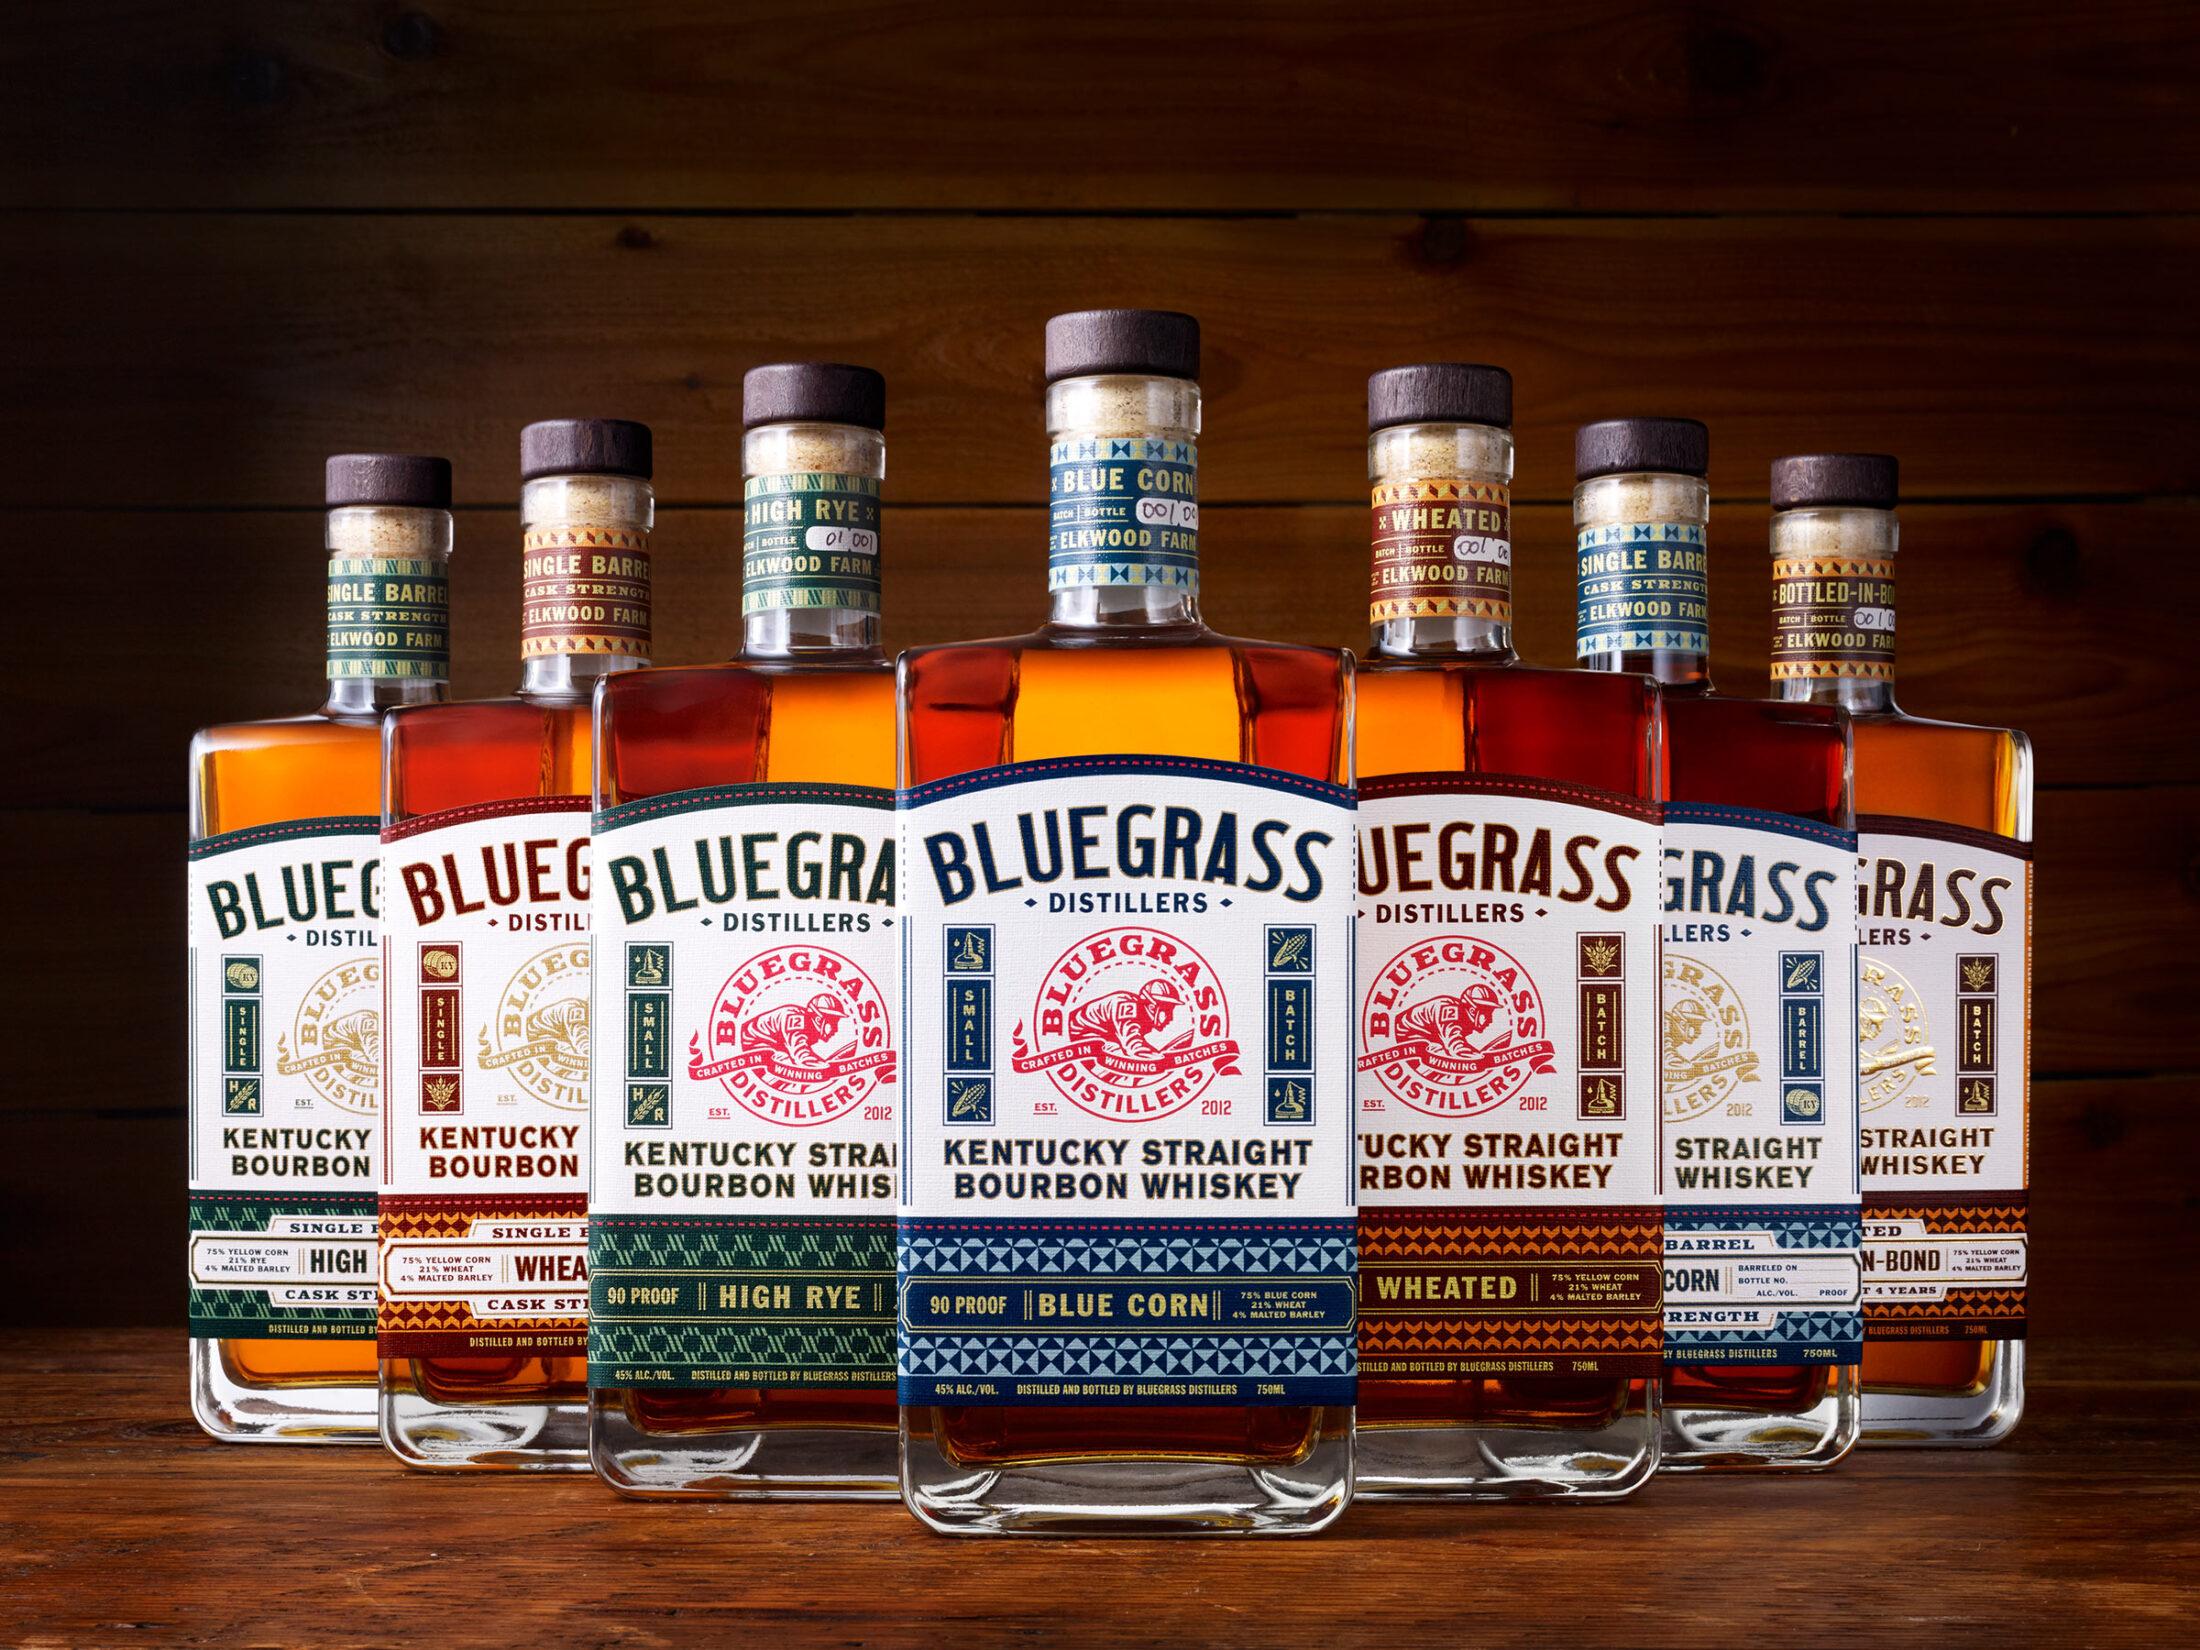 Bluegrass Distillers whiskey